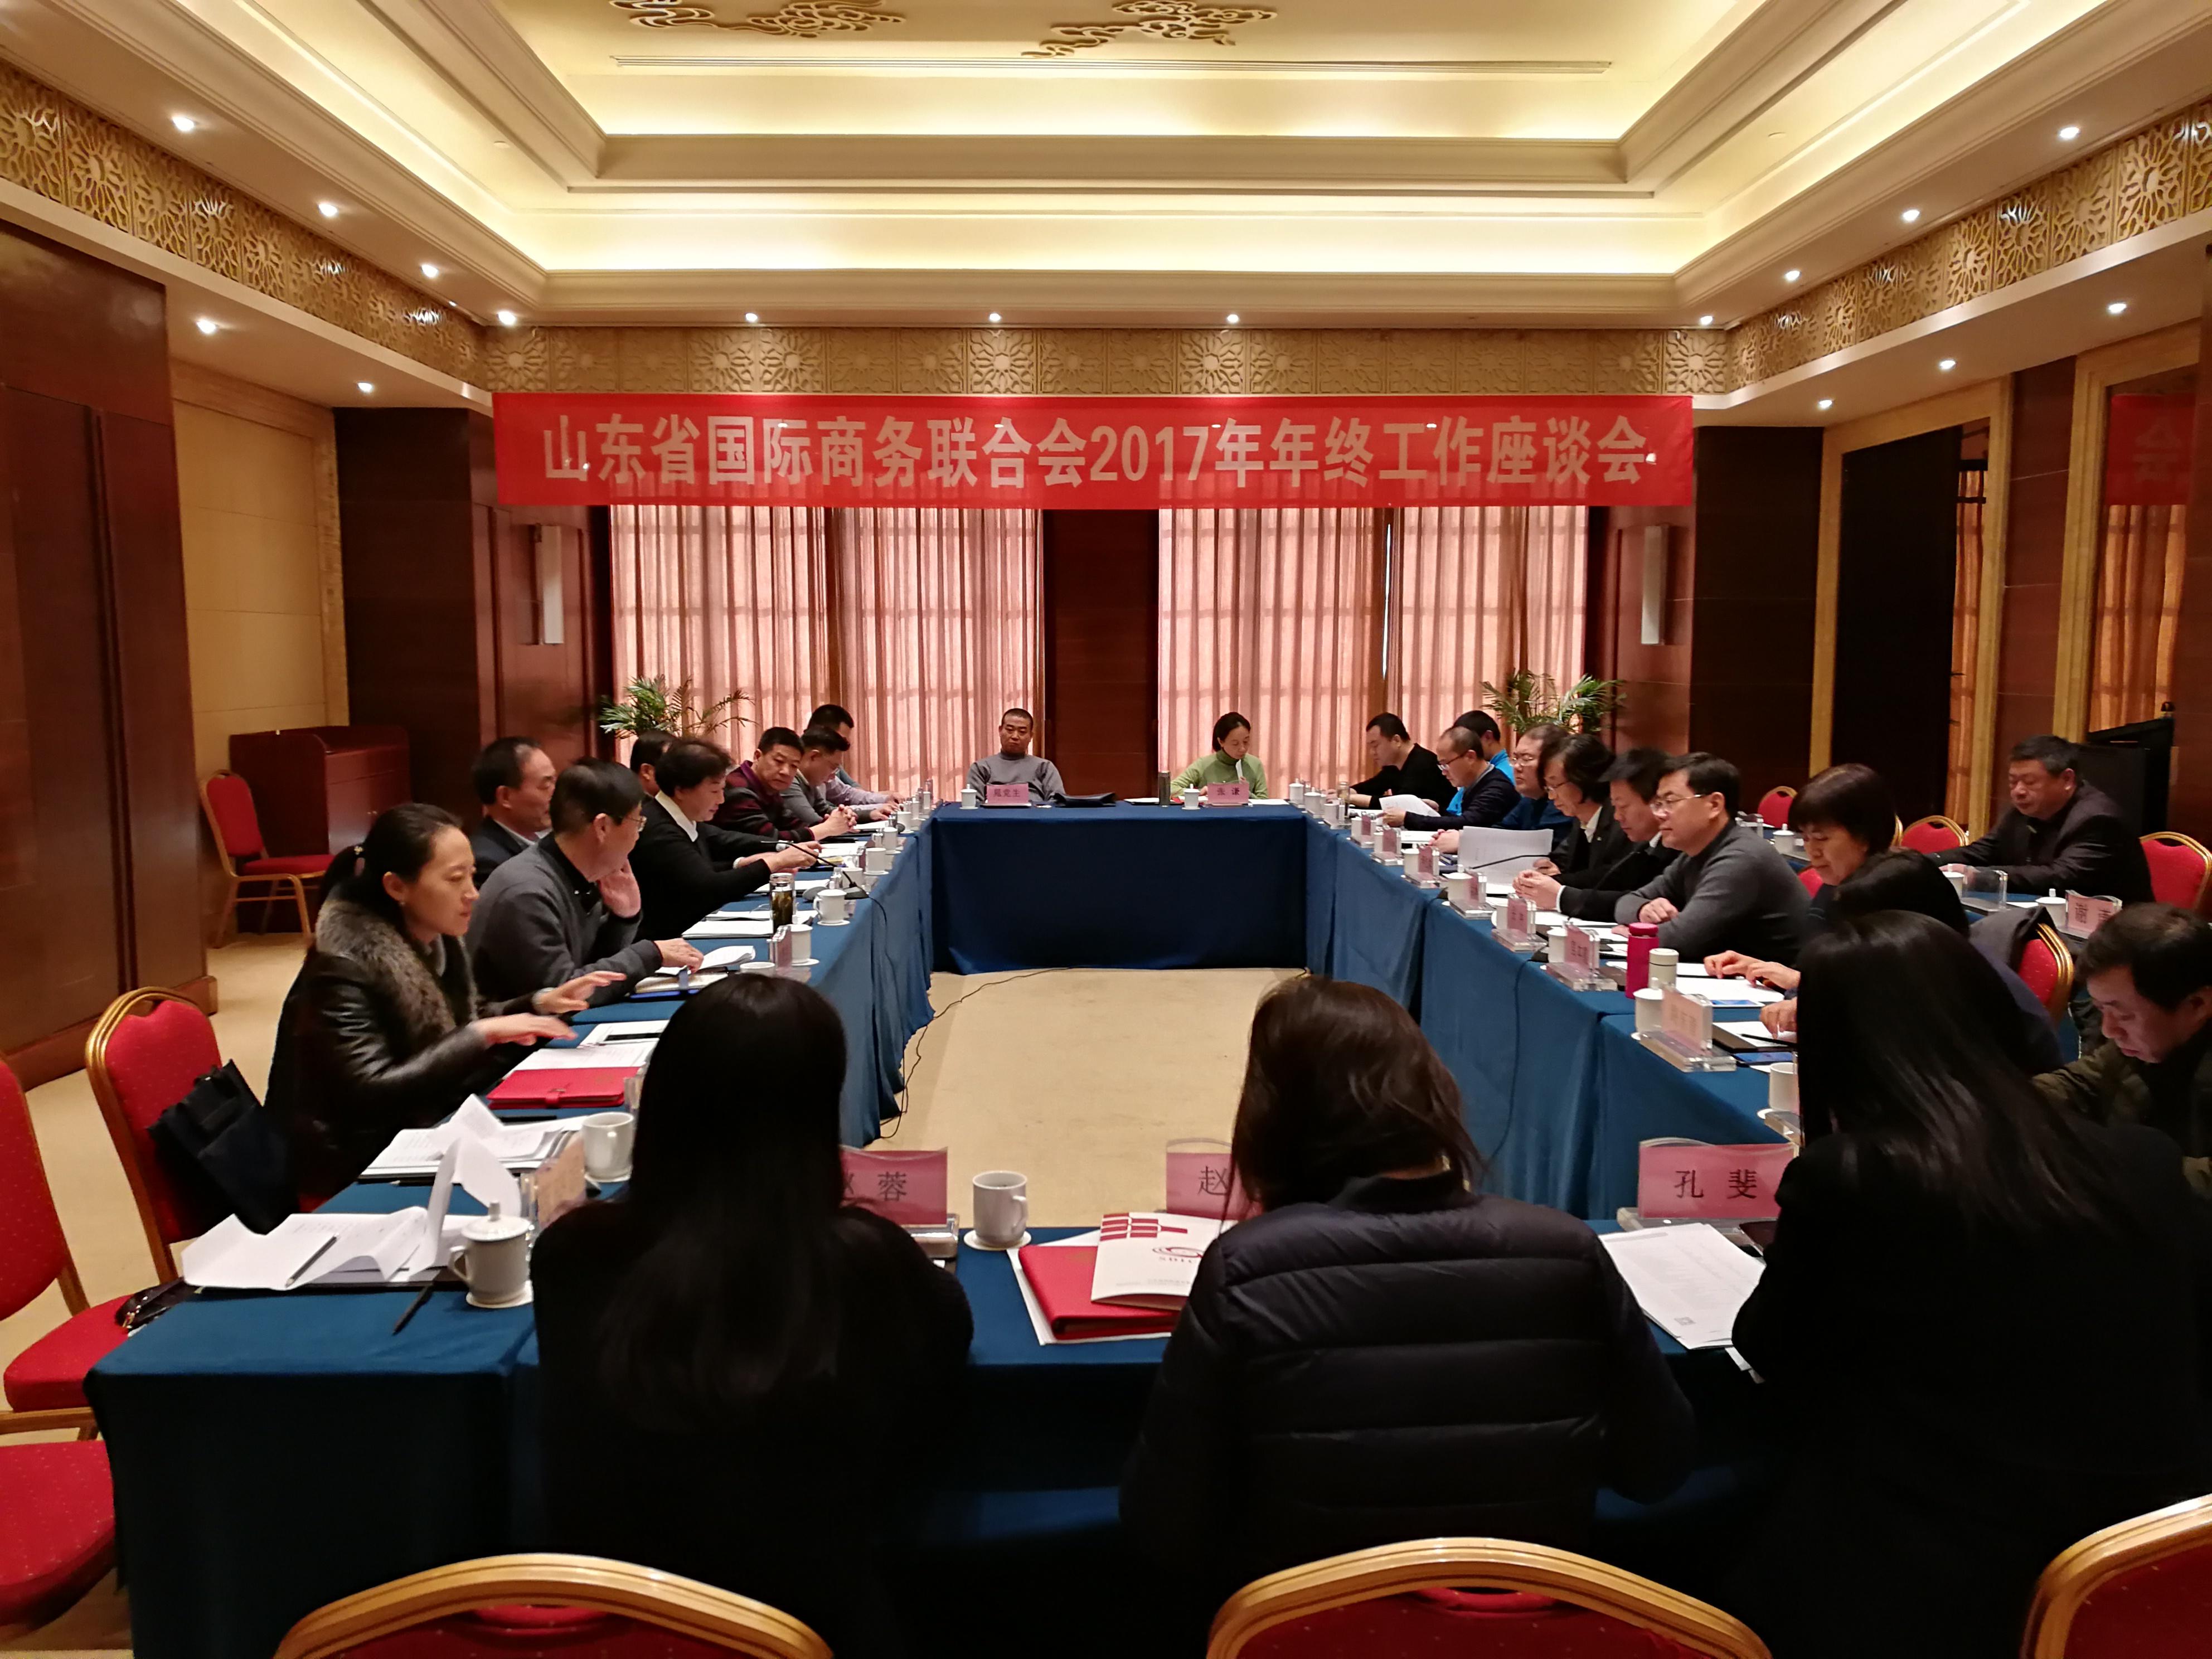 山东省国际商务联合会2017年年终工作座谈会